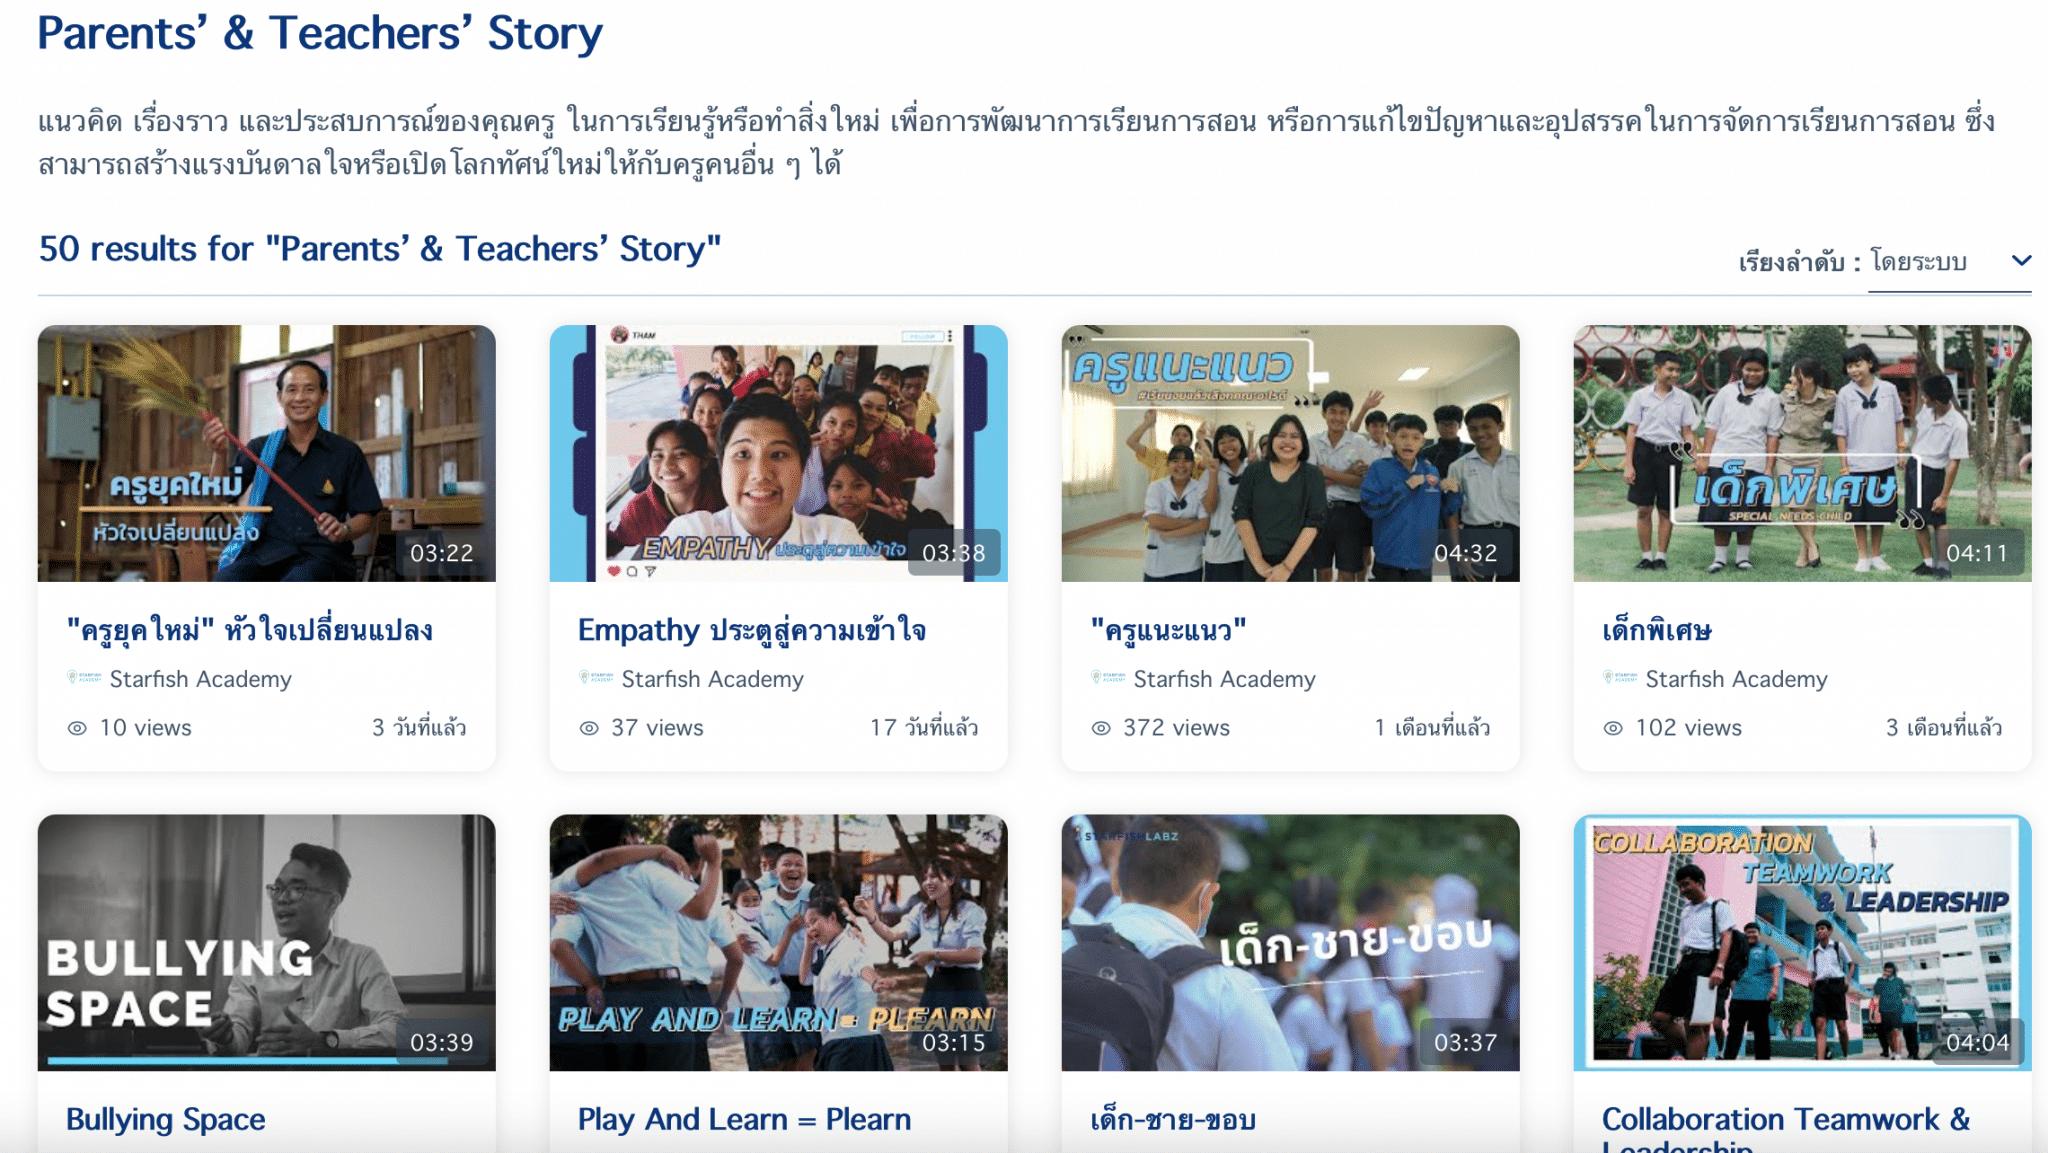 ห้ามพลาด!! แนะนำ Parents' & Teachers' Story เรื่องราวแรงบันดาลใจ การพัฒนาการเรียนการสอนสำหรับครู